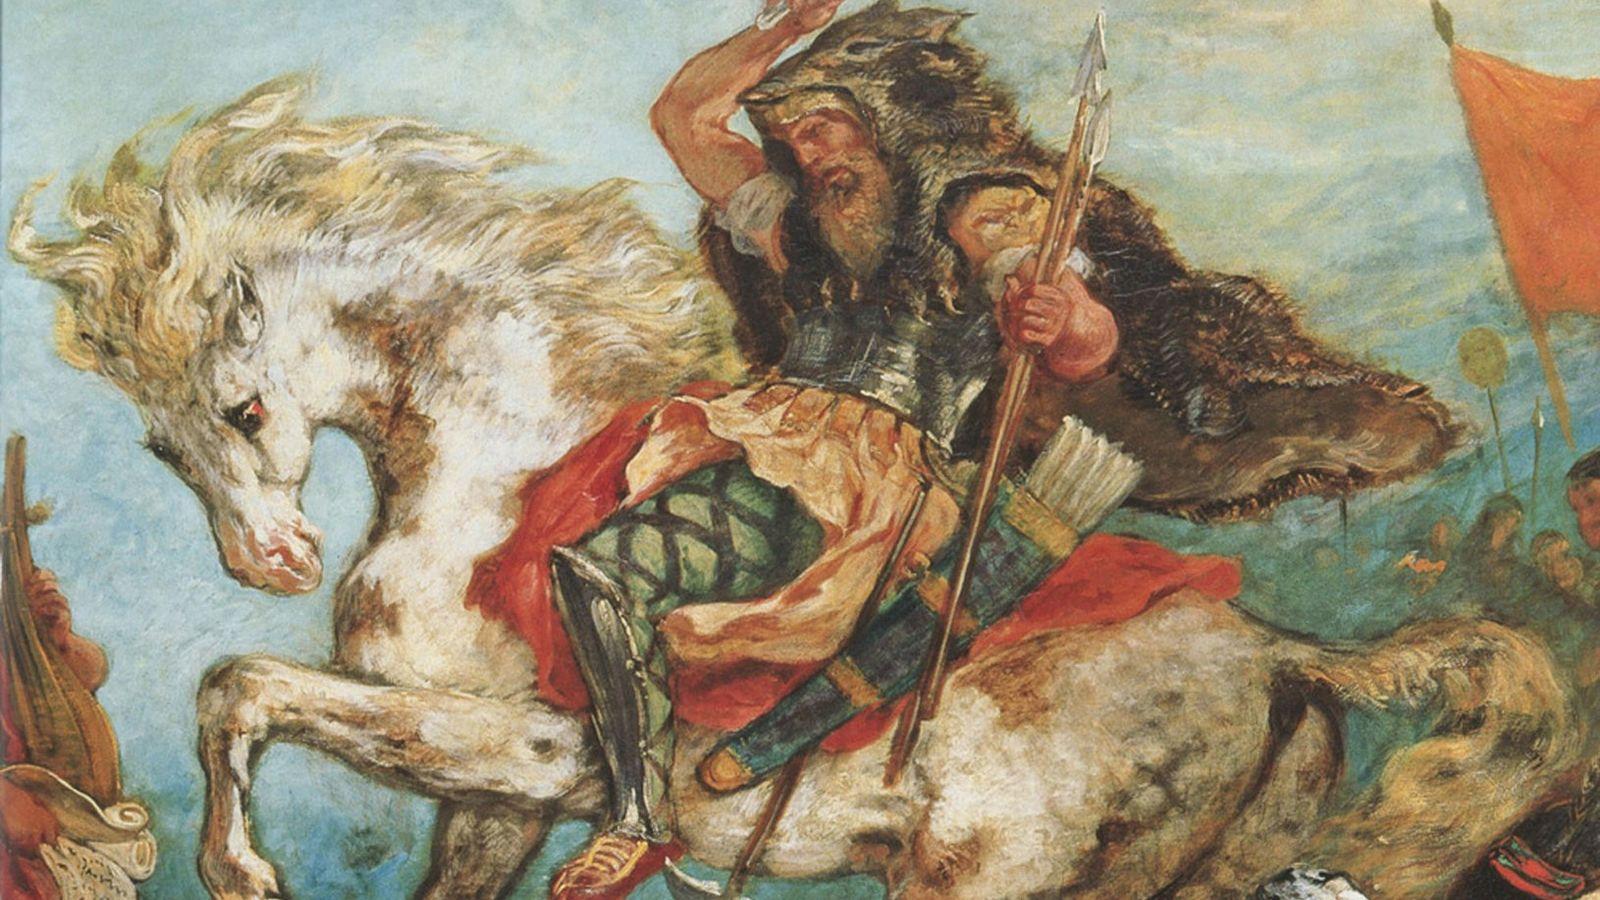 Attila et sa horde mènent uneattaque à cheval dans ce tableau d'Eugène Delacroix.